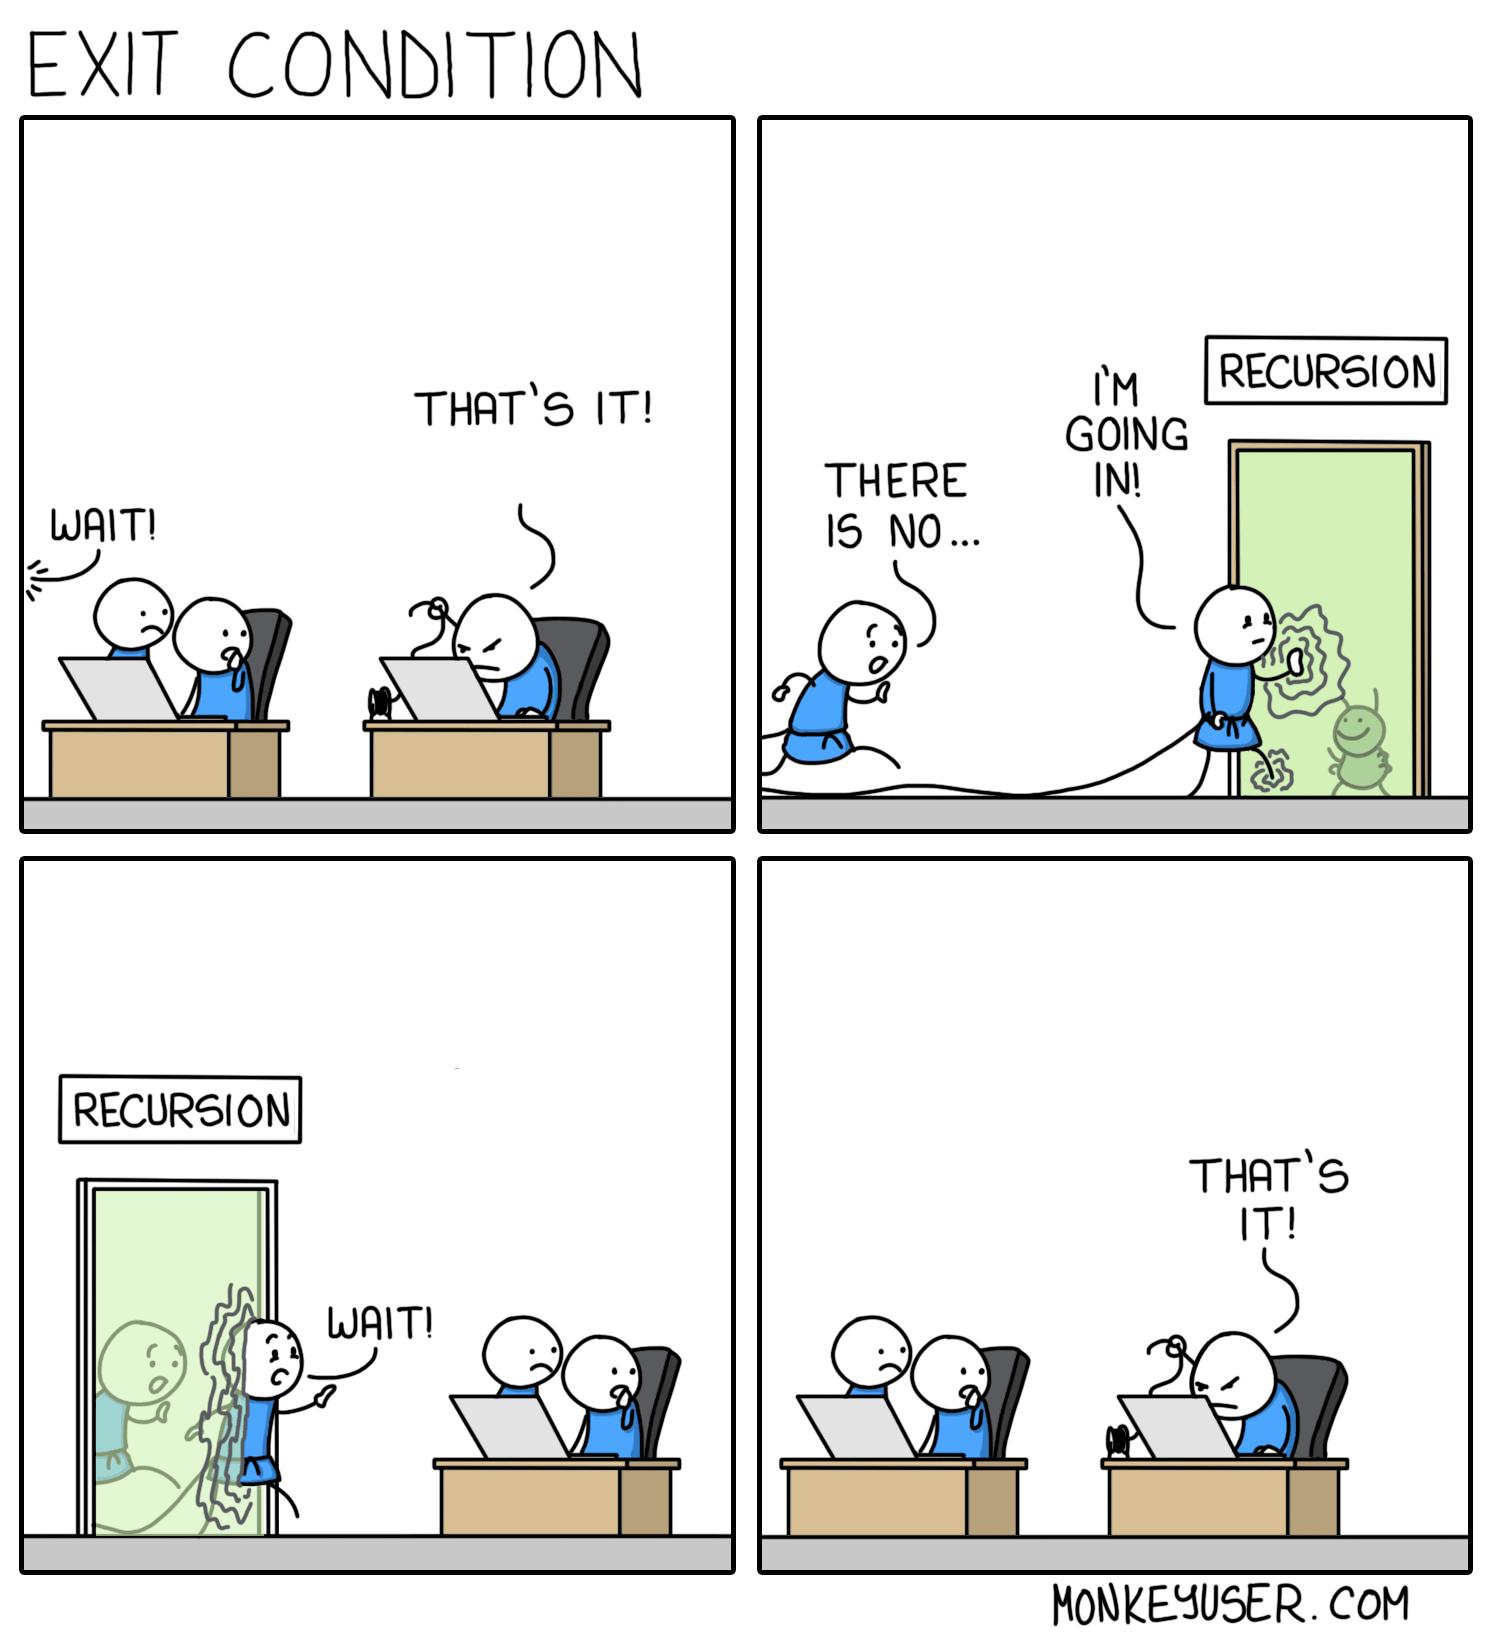 Exit Condition